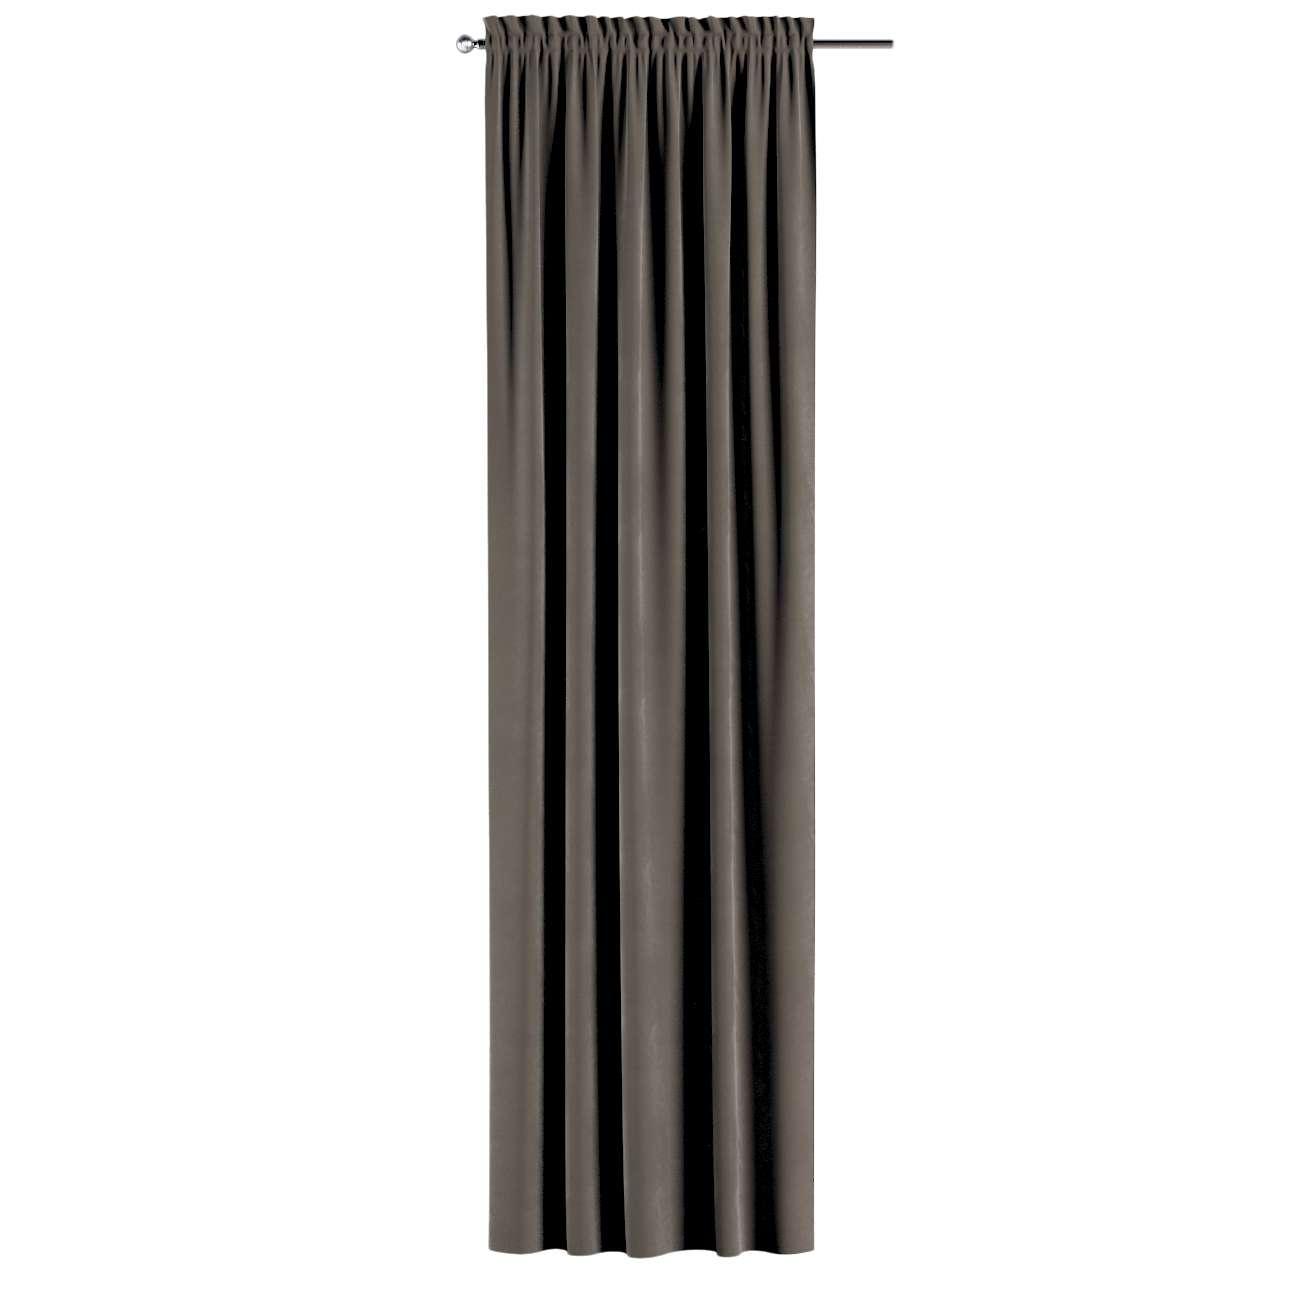 Gardin med kanal - Multiband 1 längd i kollektionen Velvet, Tyg: 704-19